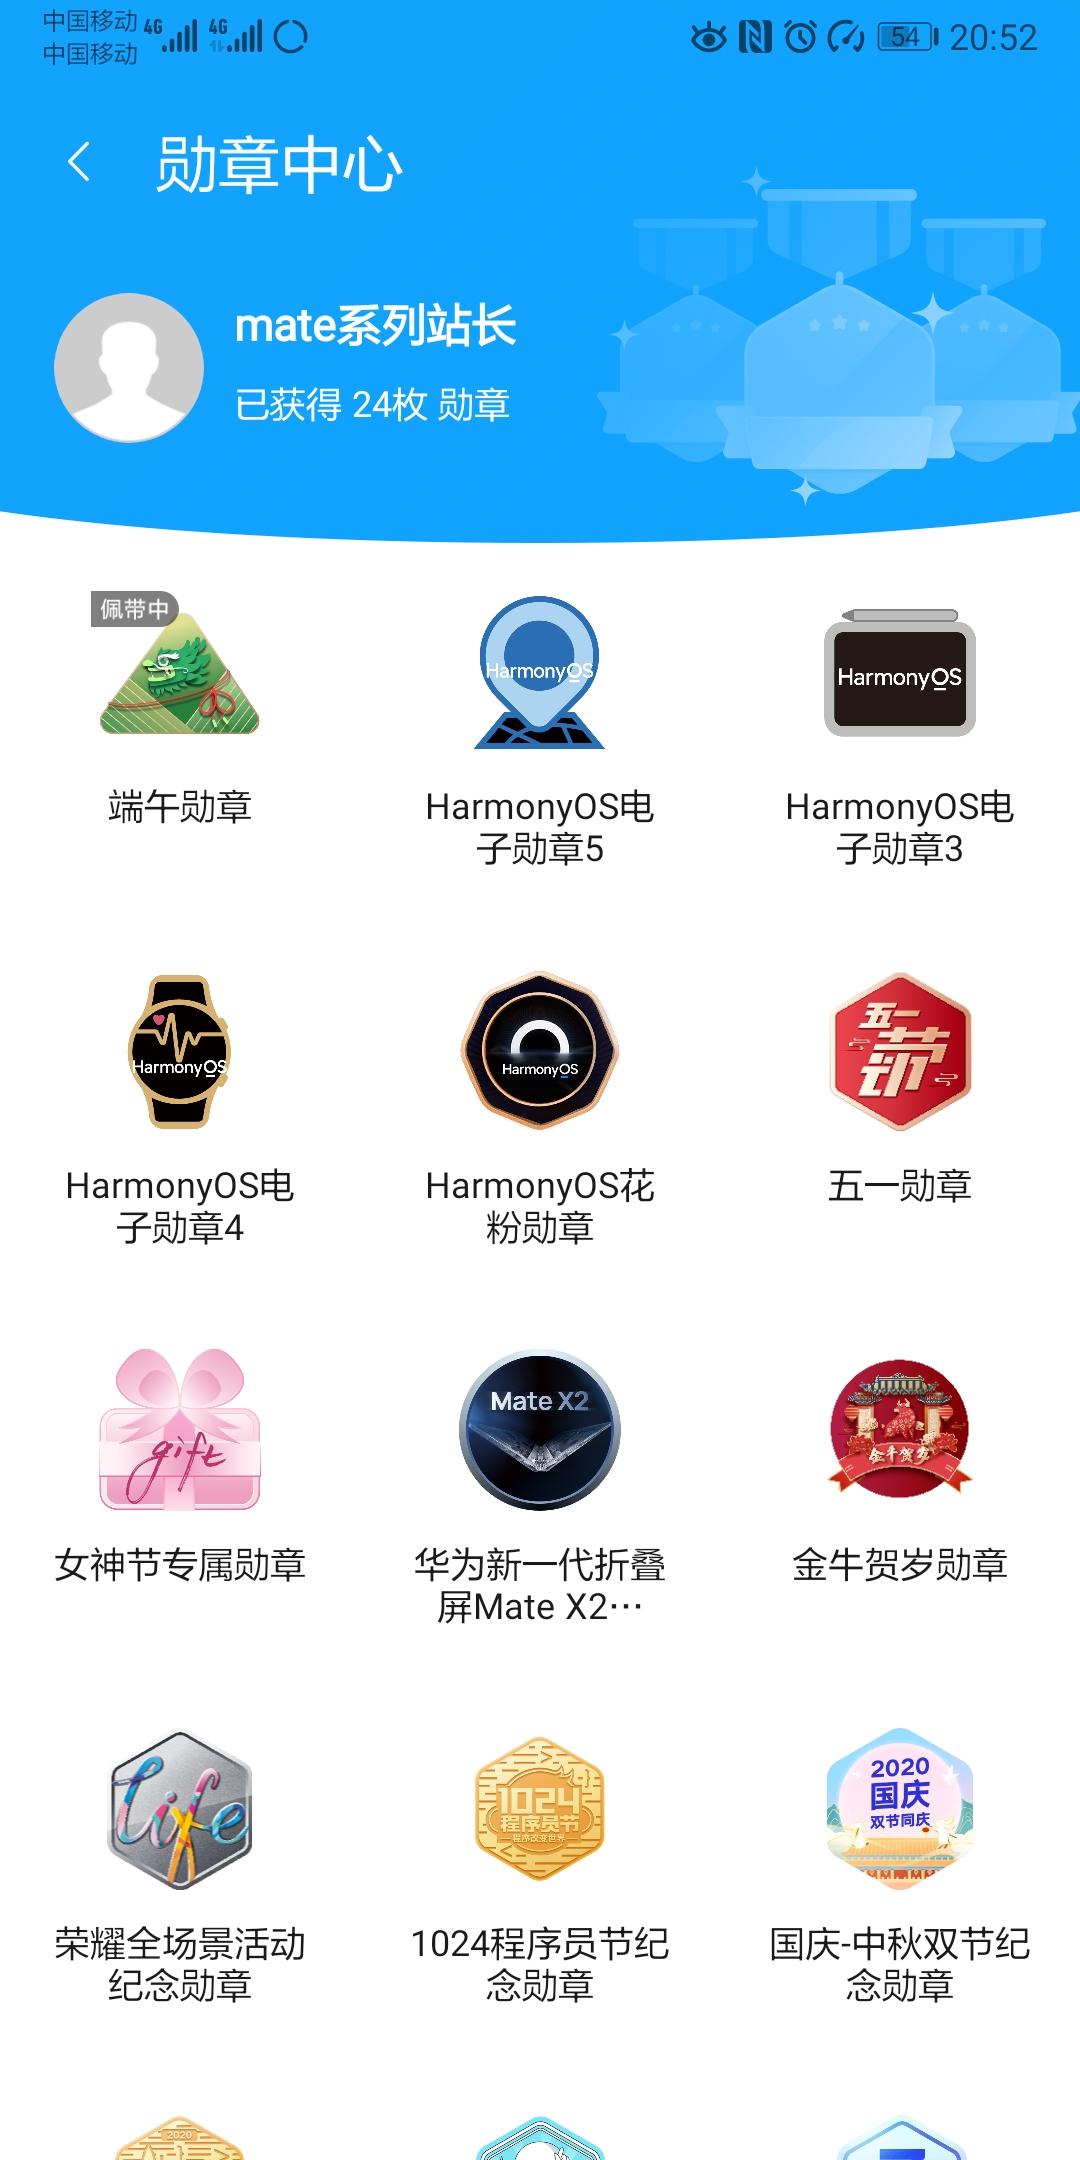 Screenshot_20210611_205253_com.huawei.fans.jpg